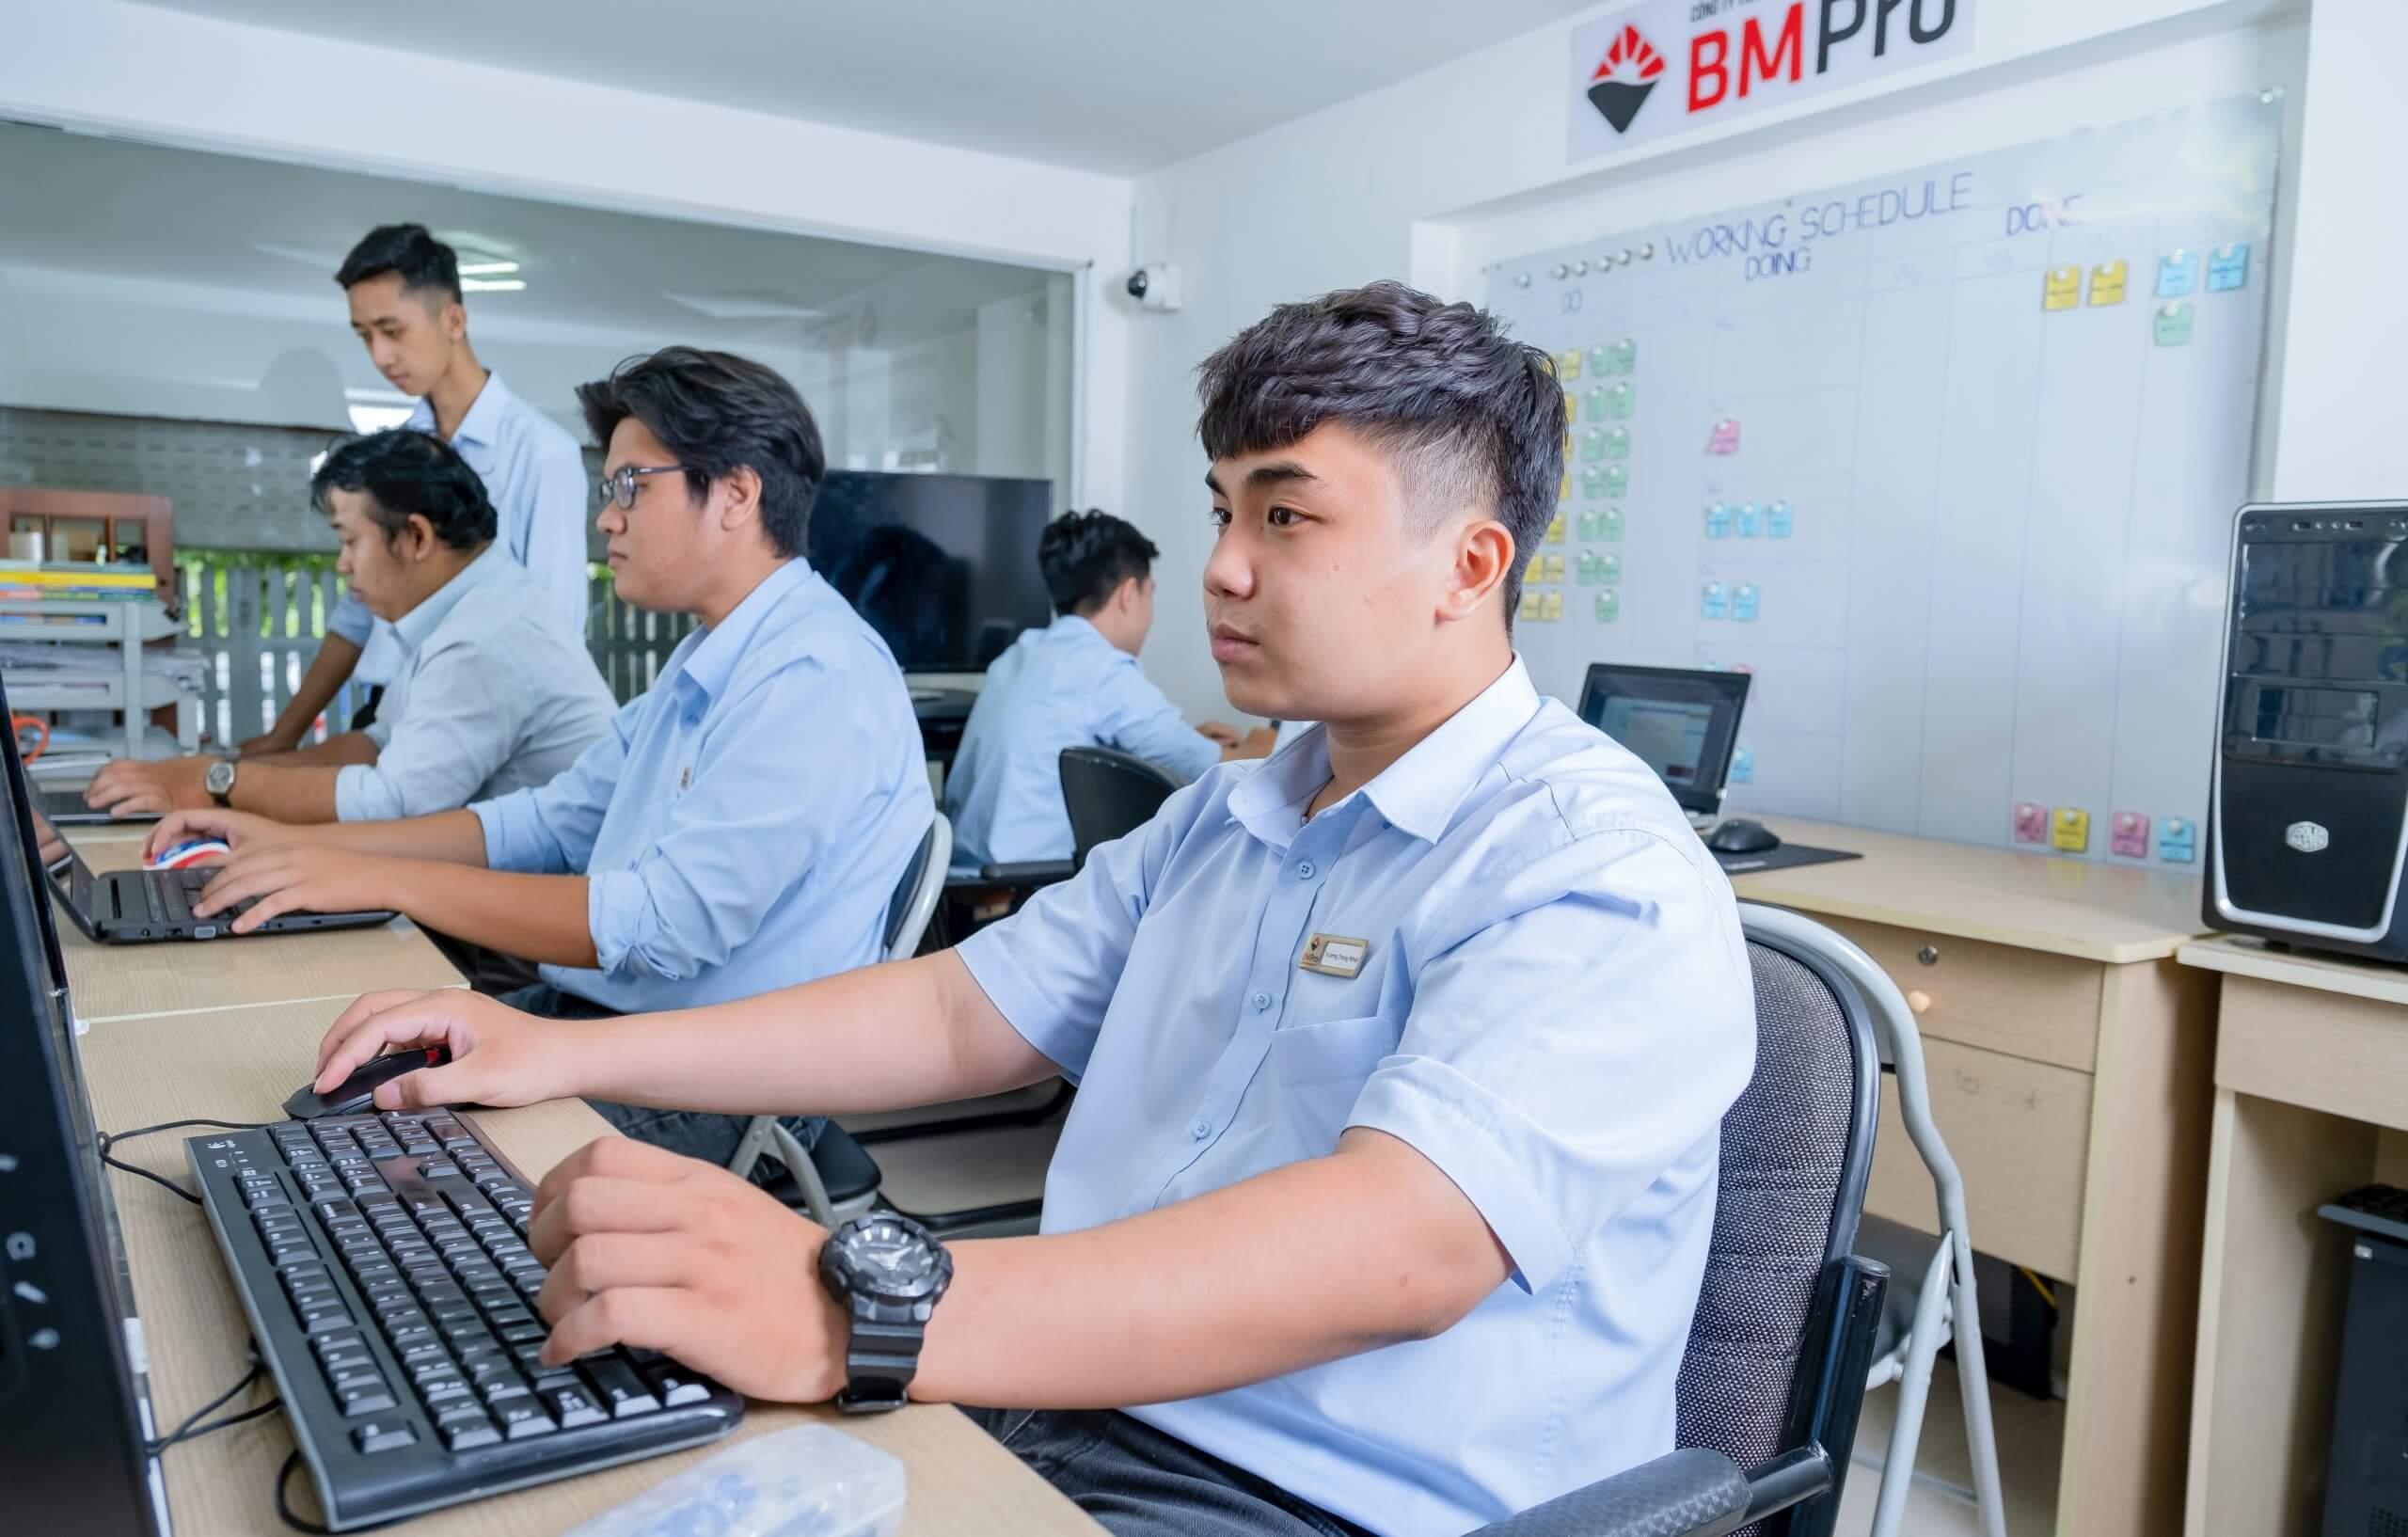 Dịch vụ it doanh nghiệp - team kỹ thuật